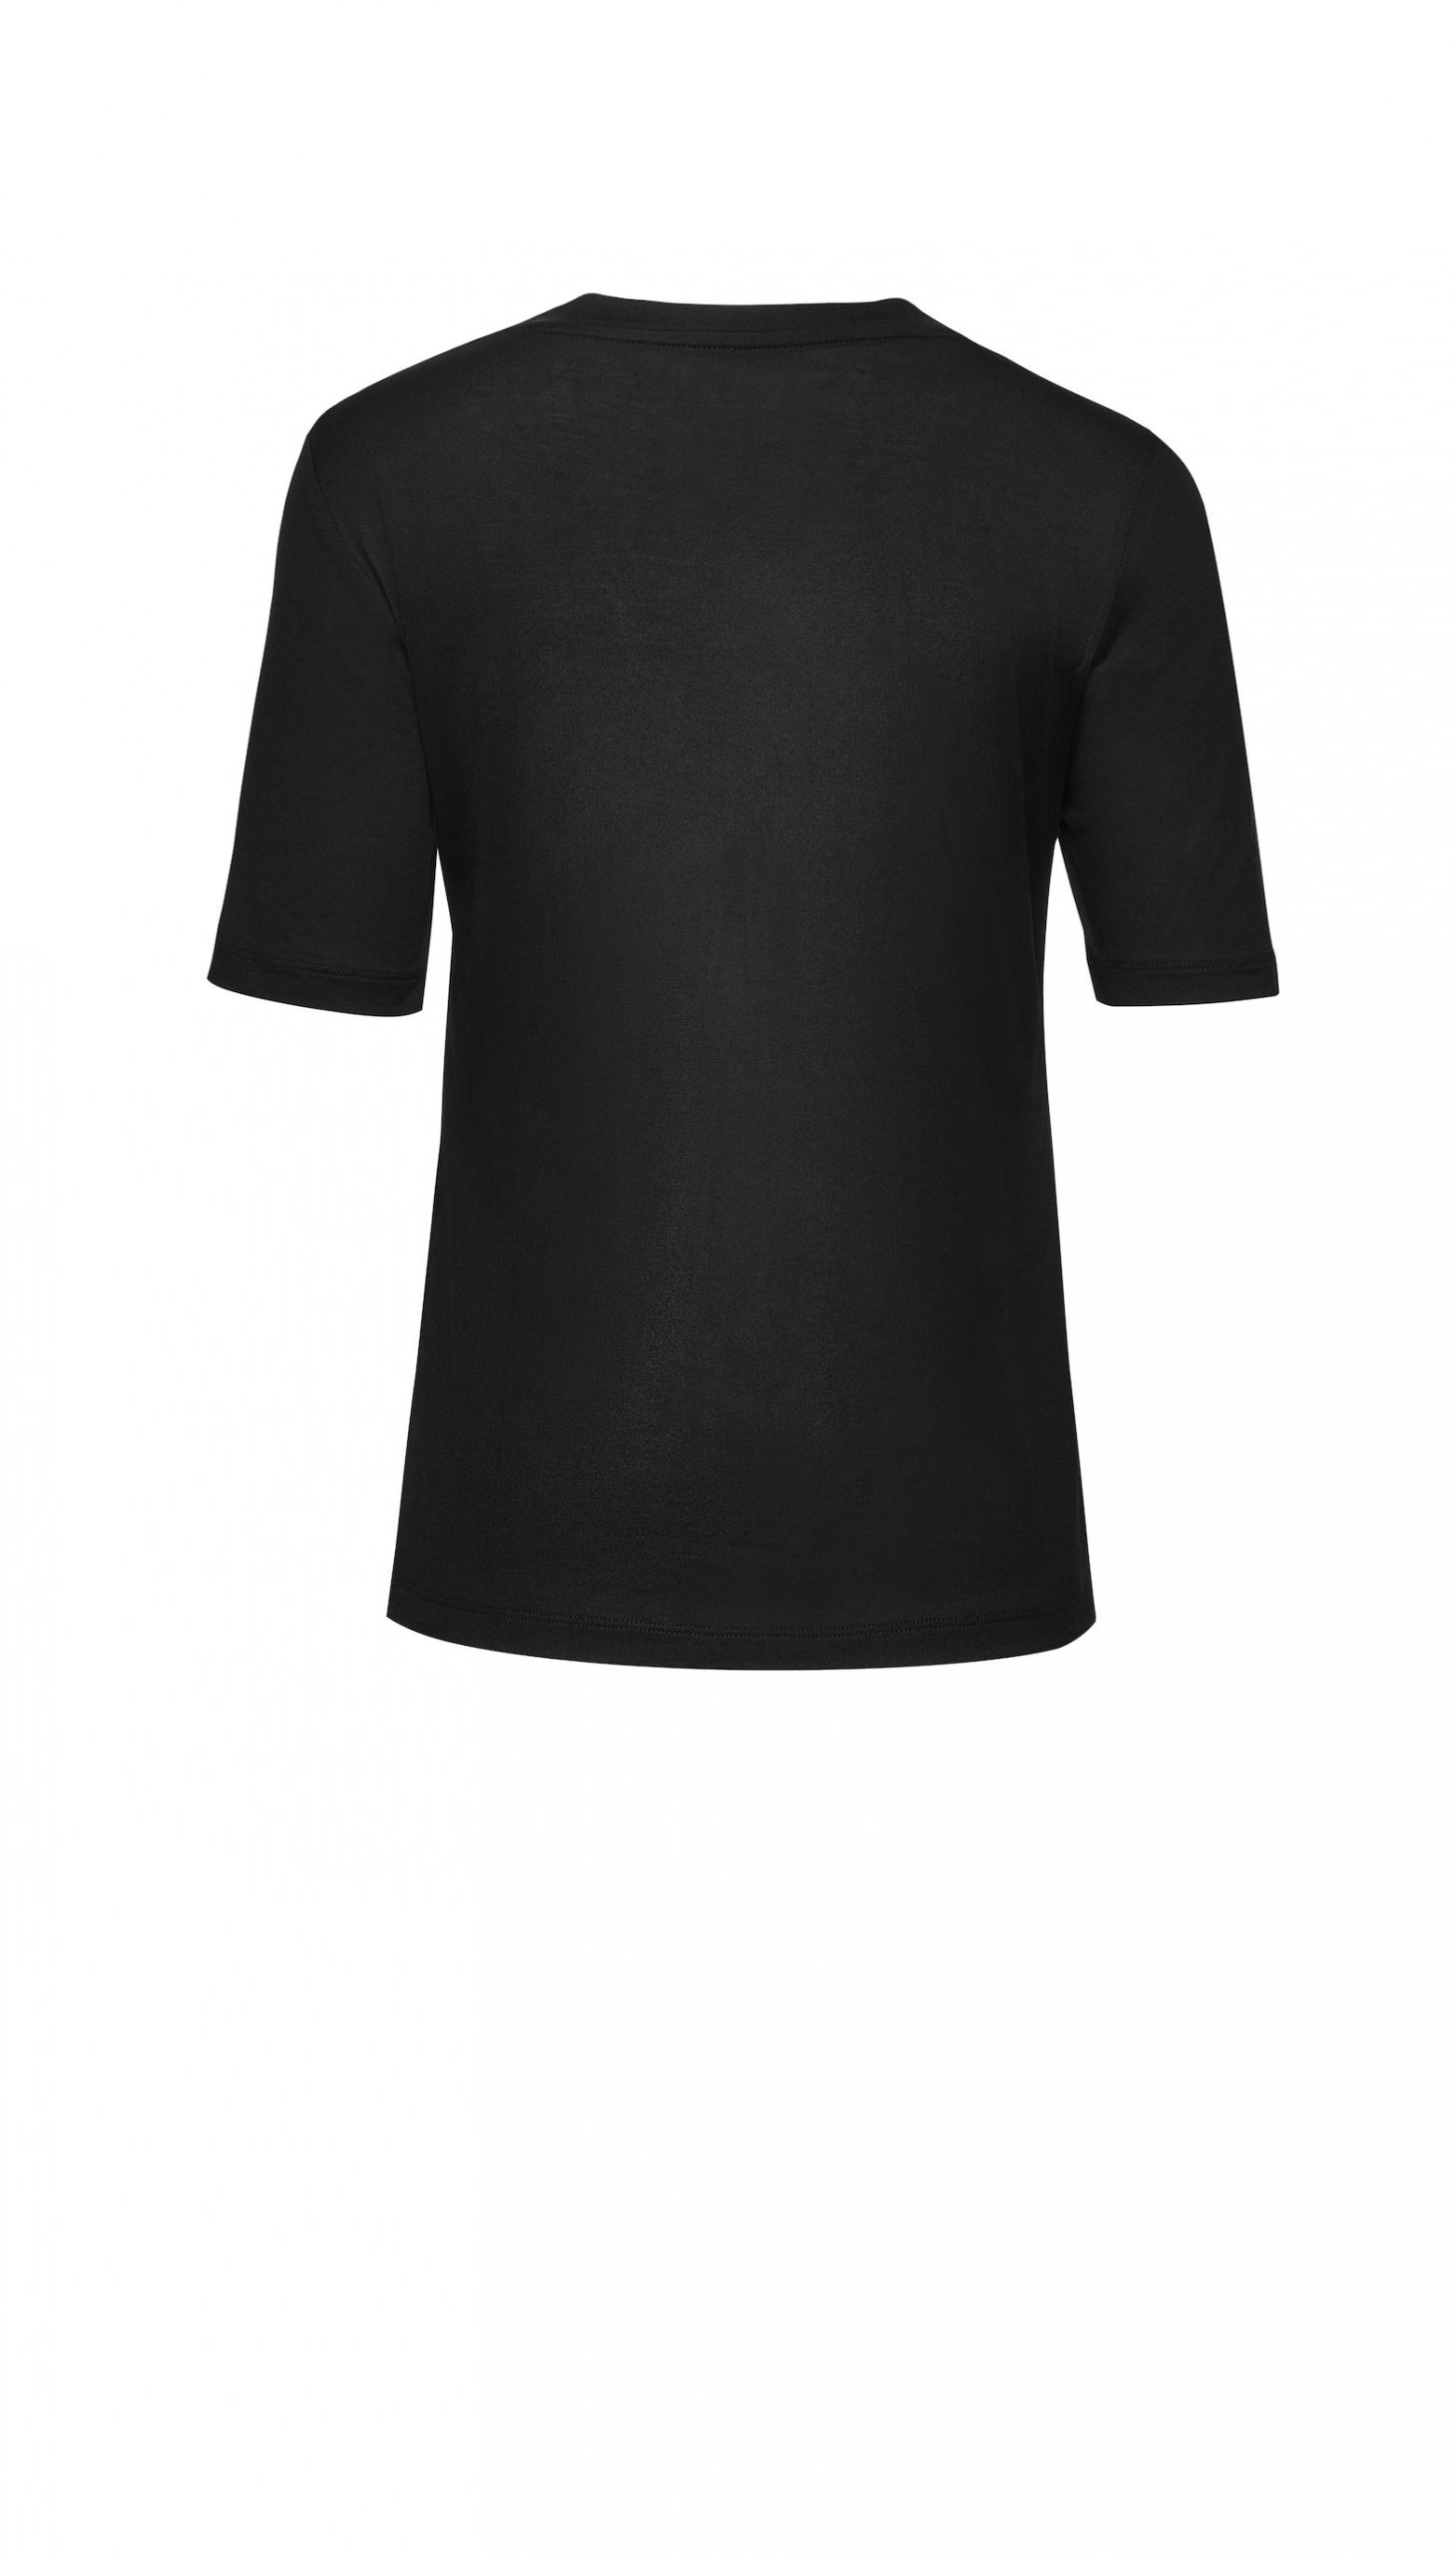 Jedwabny T-shirt czarny